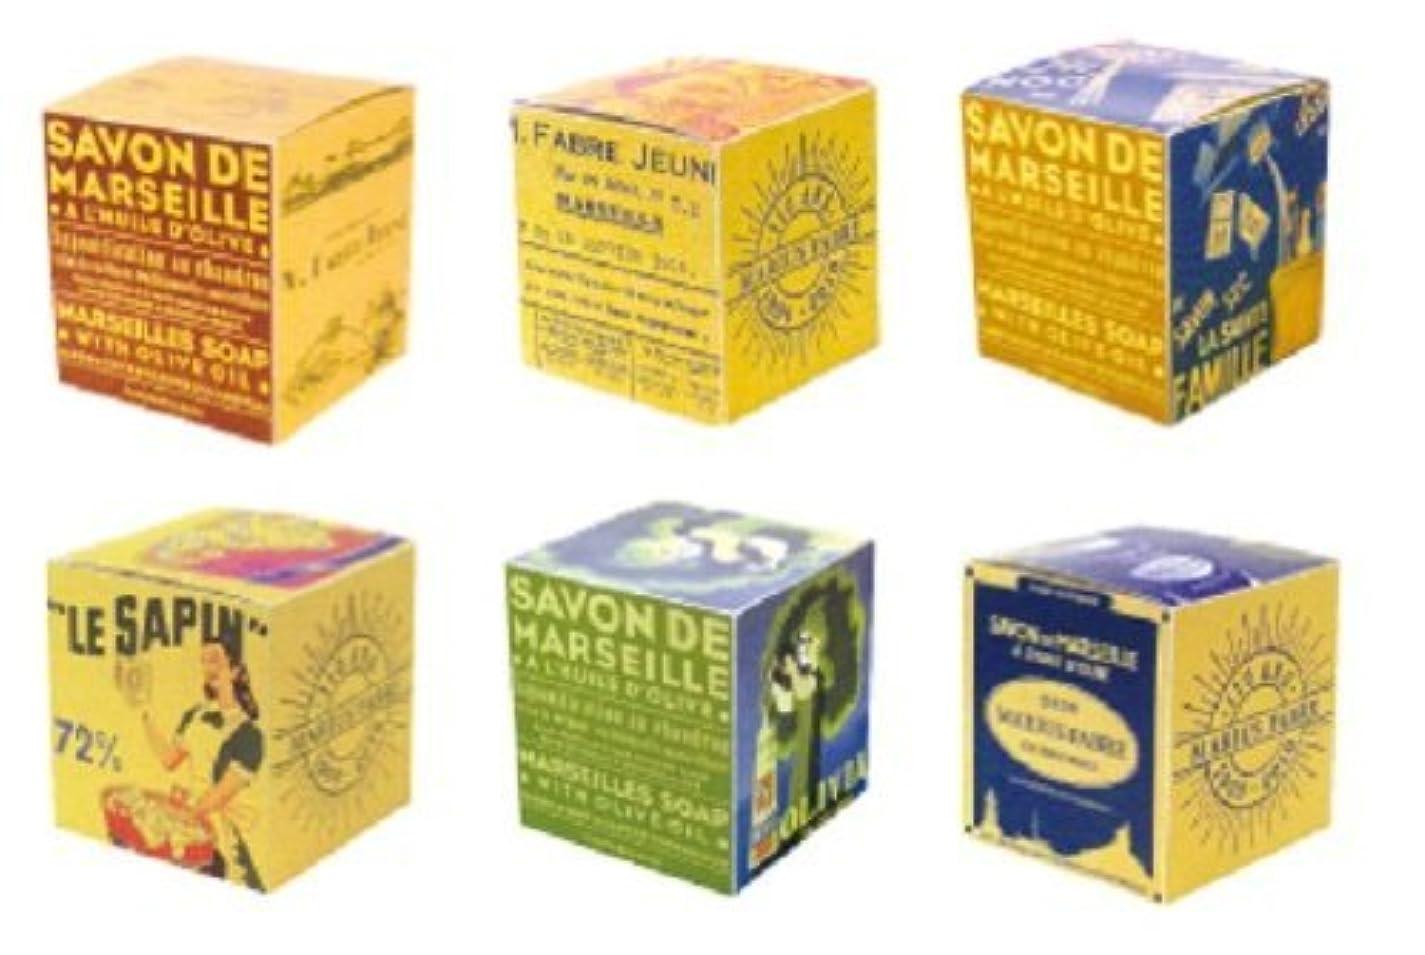 ブーム有効不実サボンドマルセイユ BOX オリーブ 200g (箱の柄のご指定はできません)